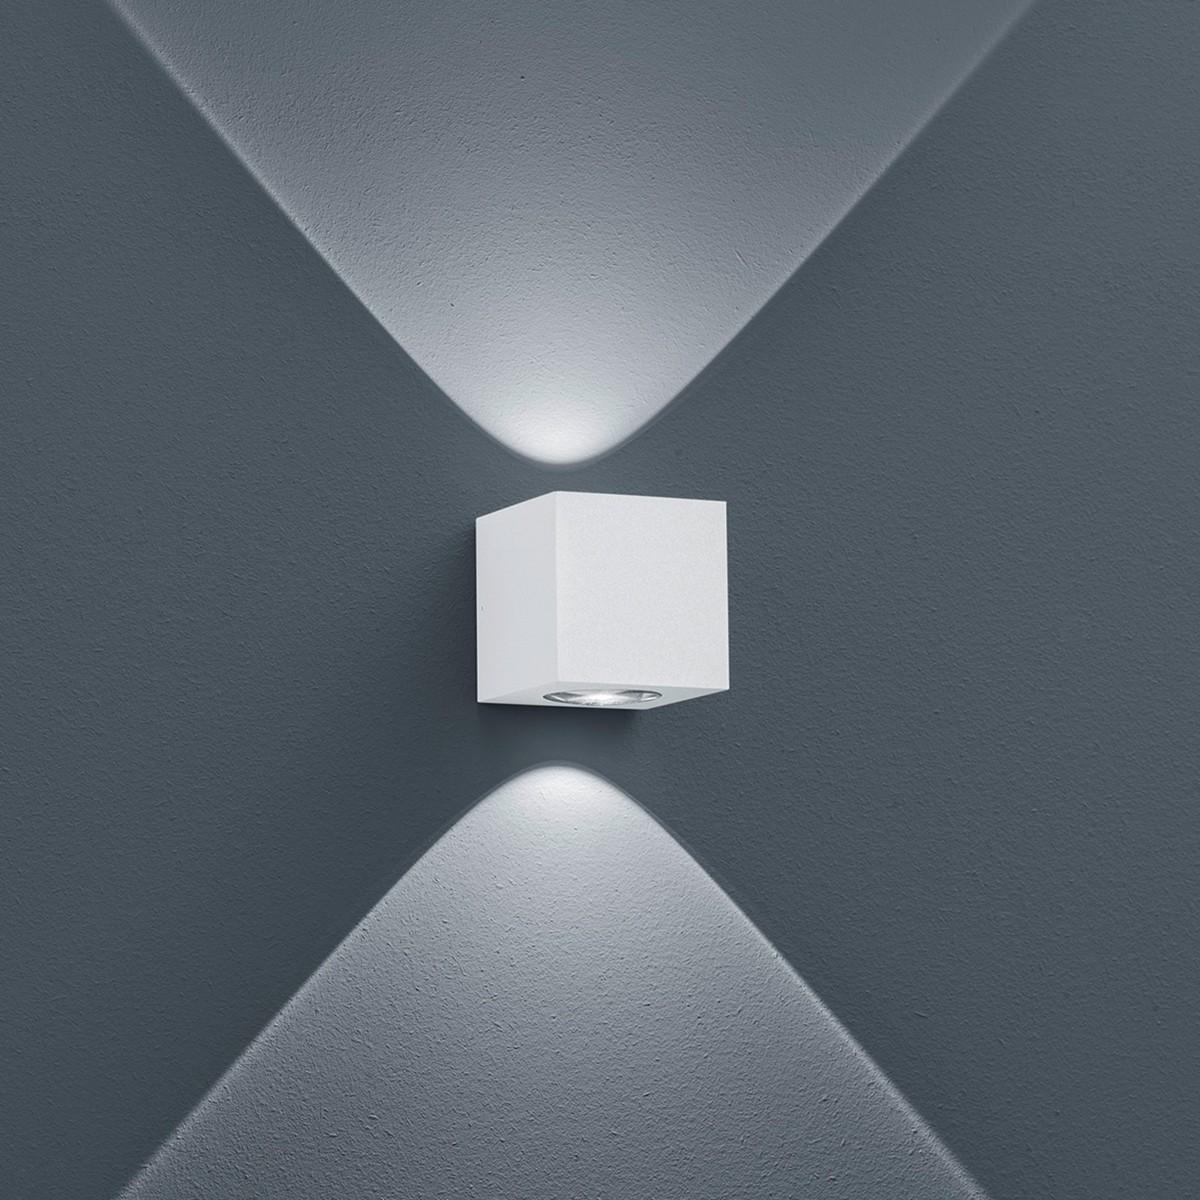 Helestra Peka LED Außenwandleuchte, weiß matt